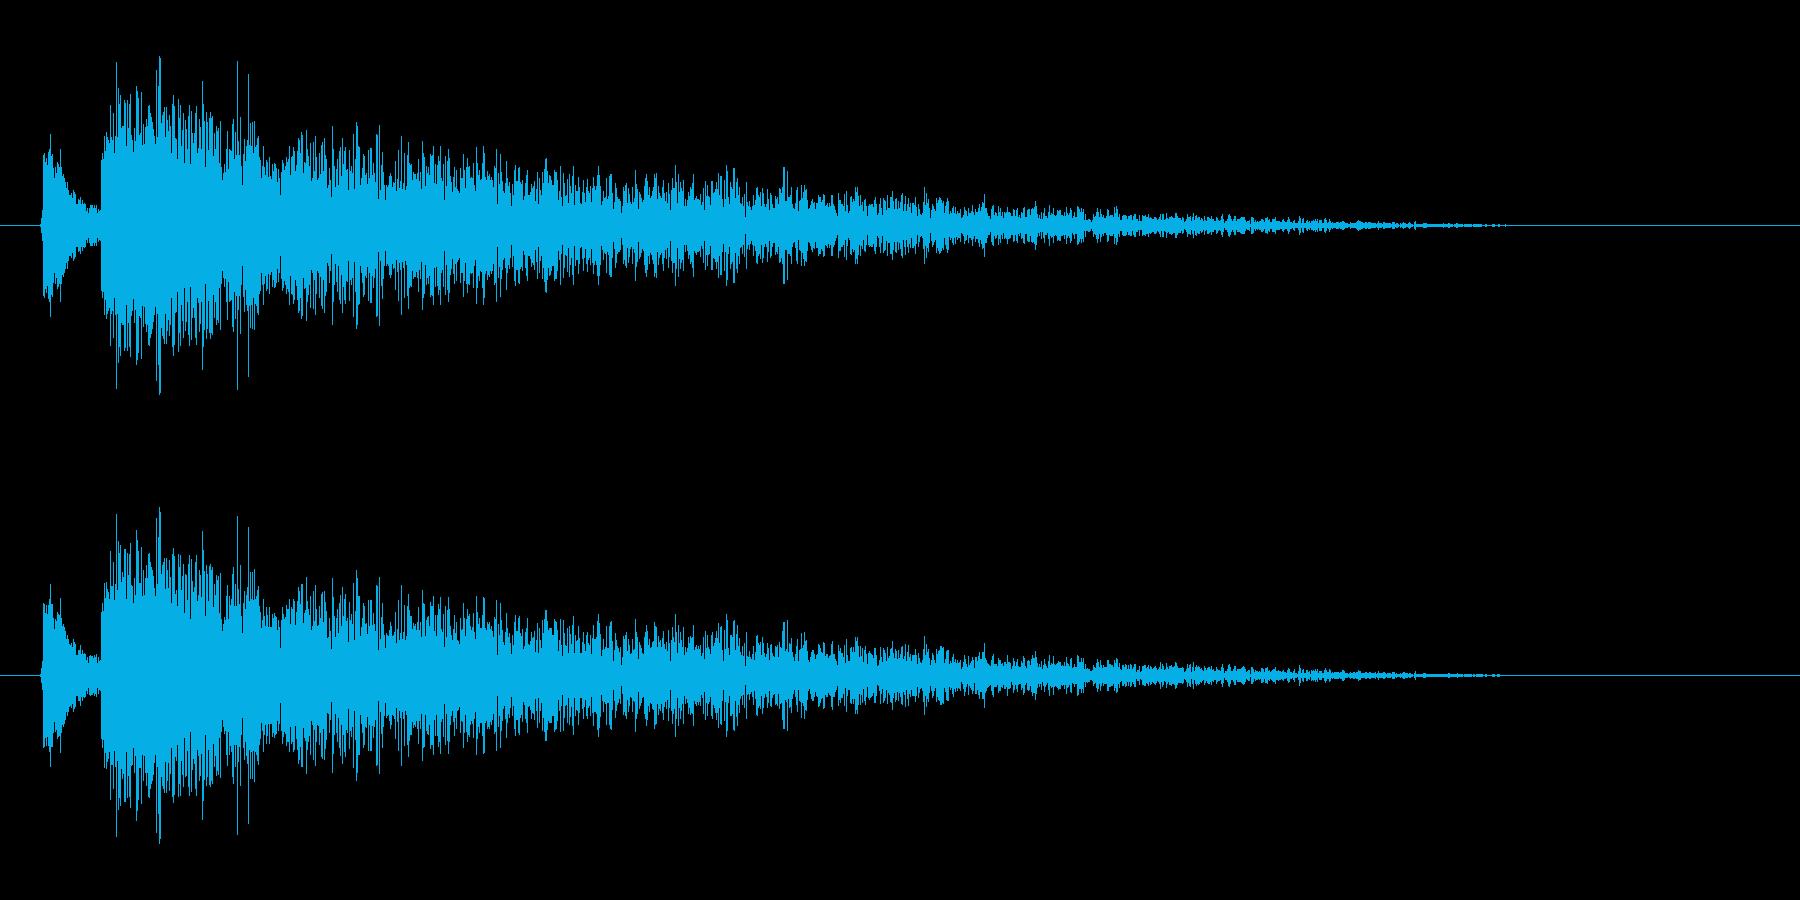 【雷 合成01-3】の再生済みの波形